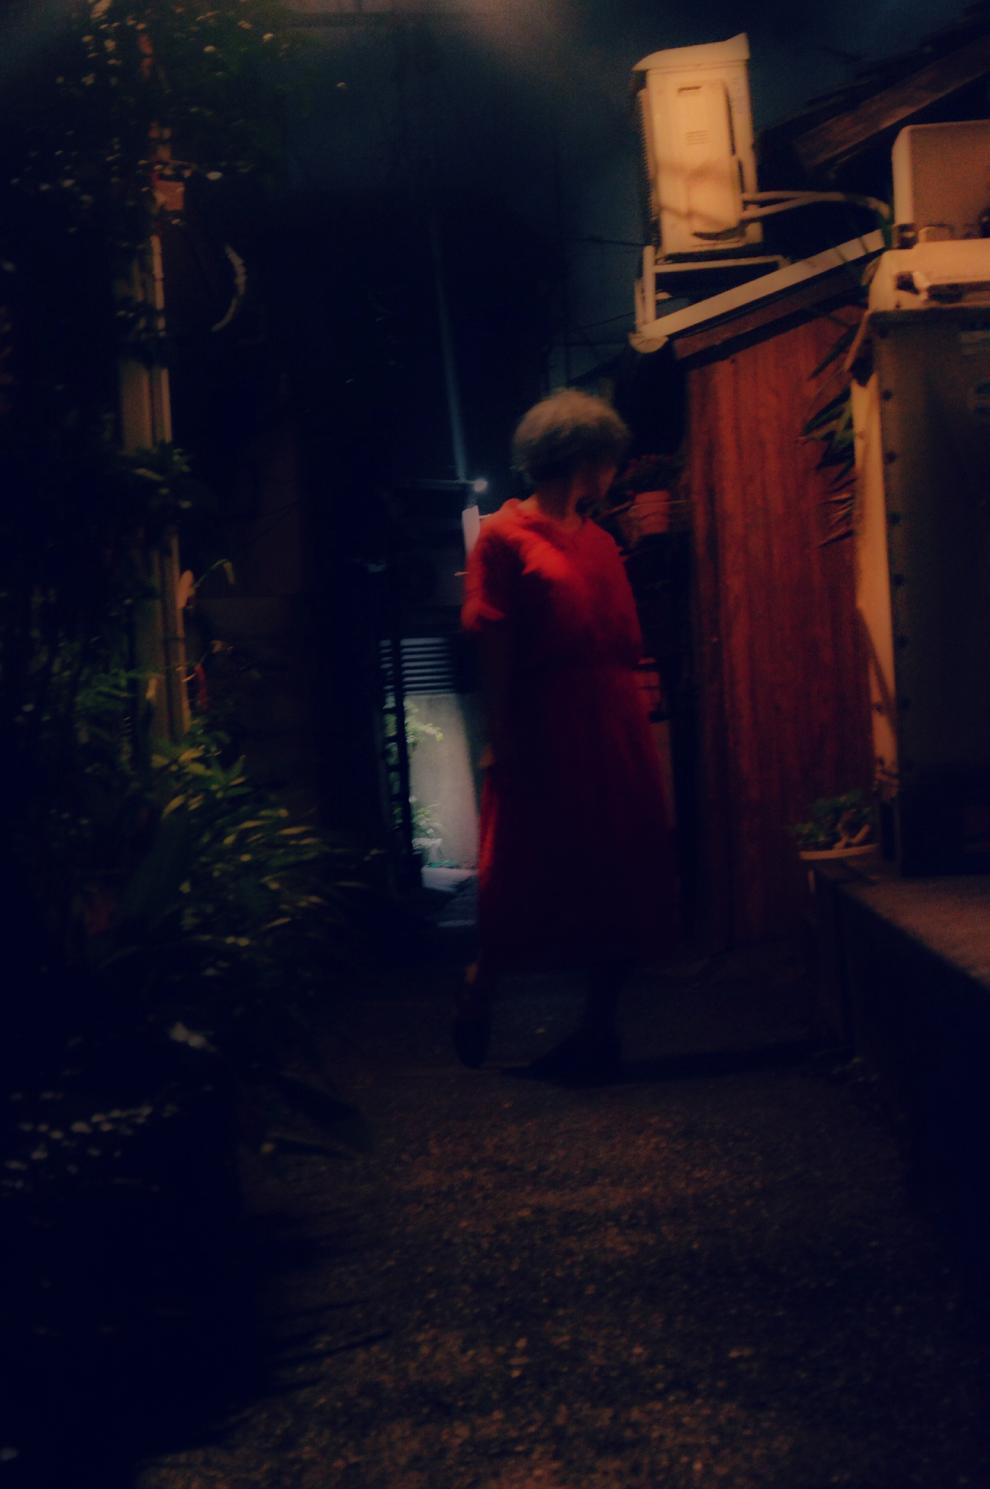 福岡平尾美容室 ポートレート 詩